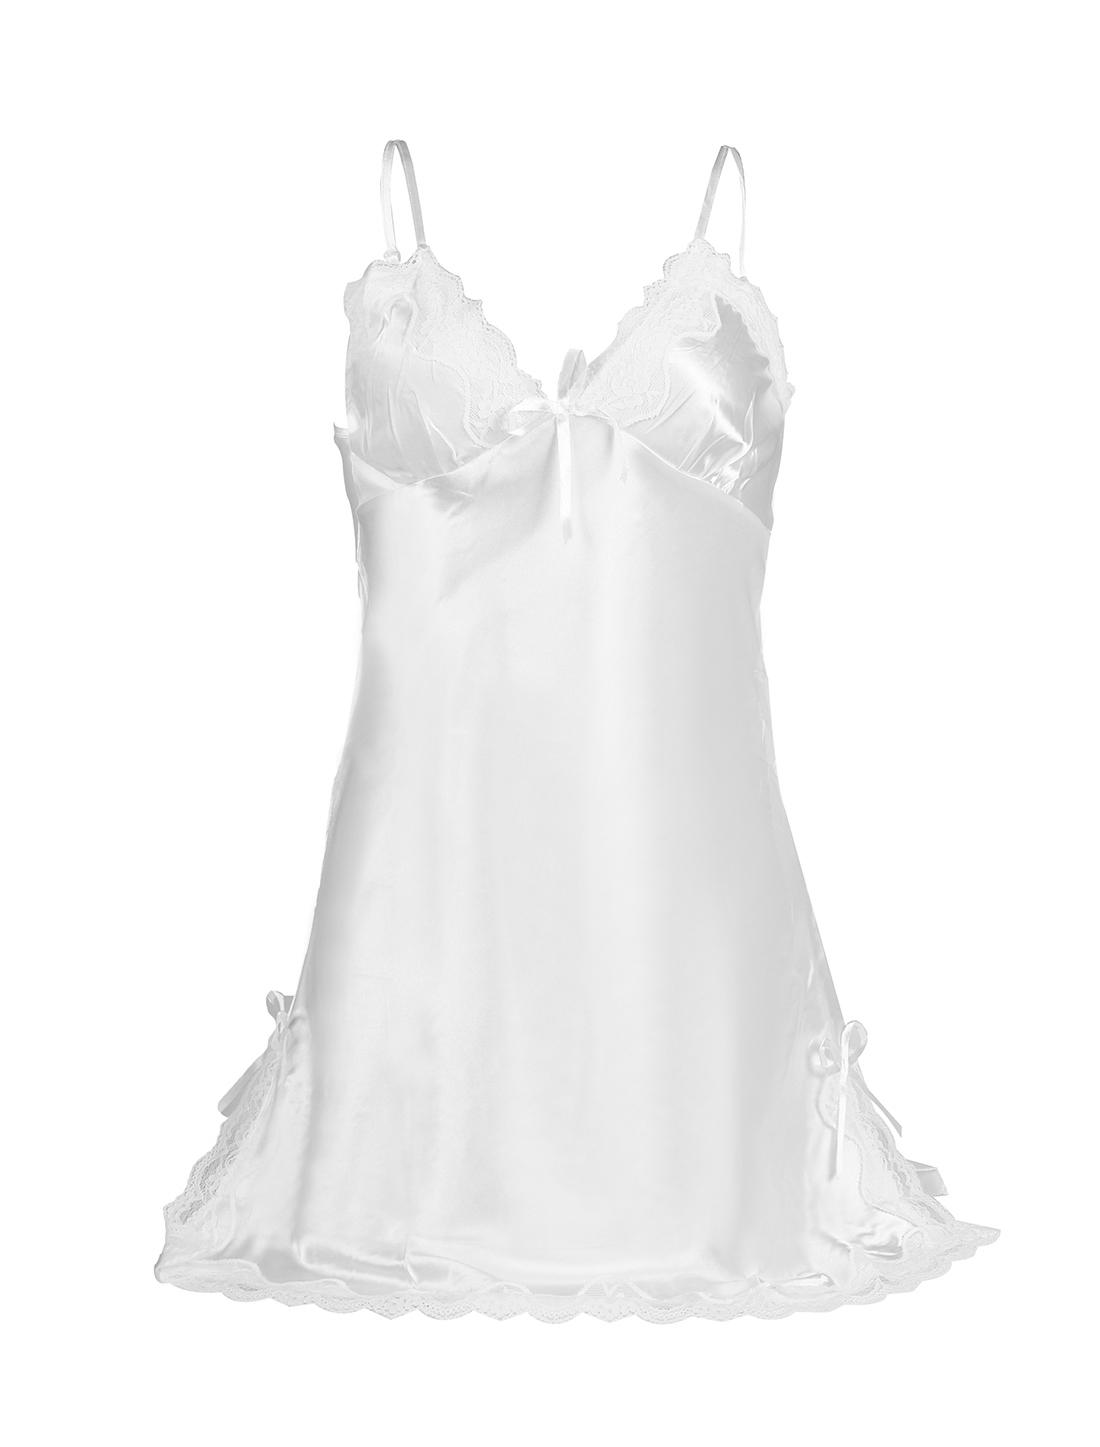 Women Sexy Satin Lace Trim Sleepwear Nightgown Pajama Slip Dress White-Lace XXL